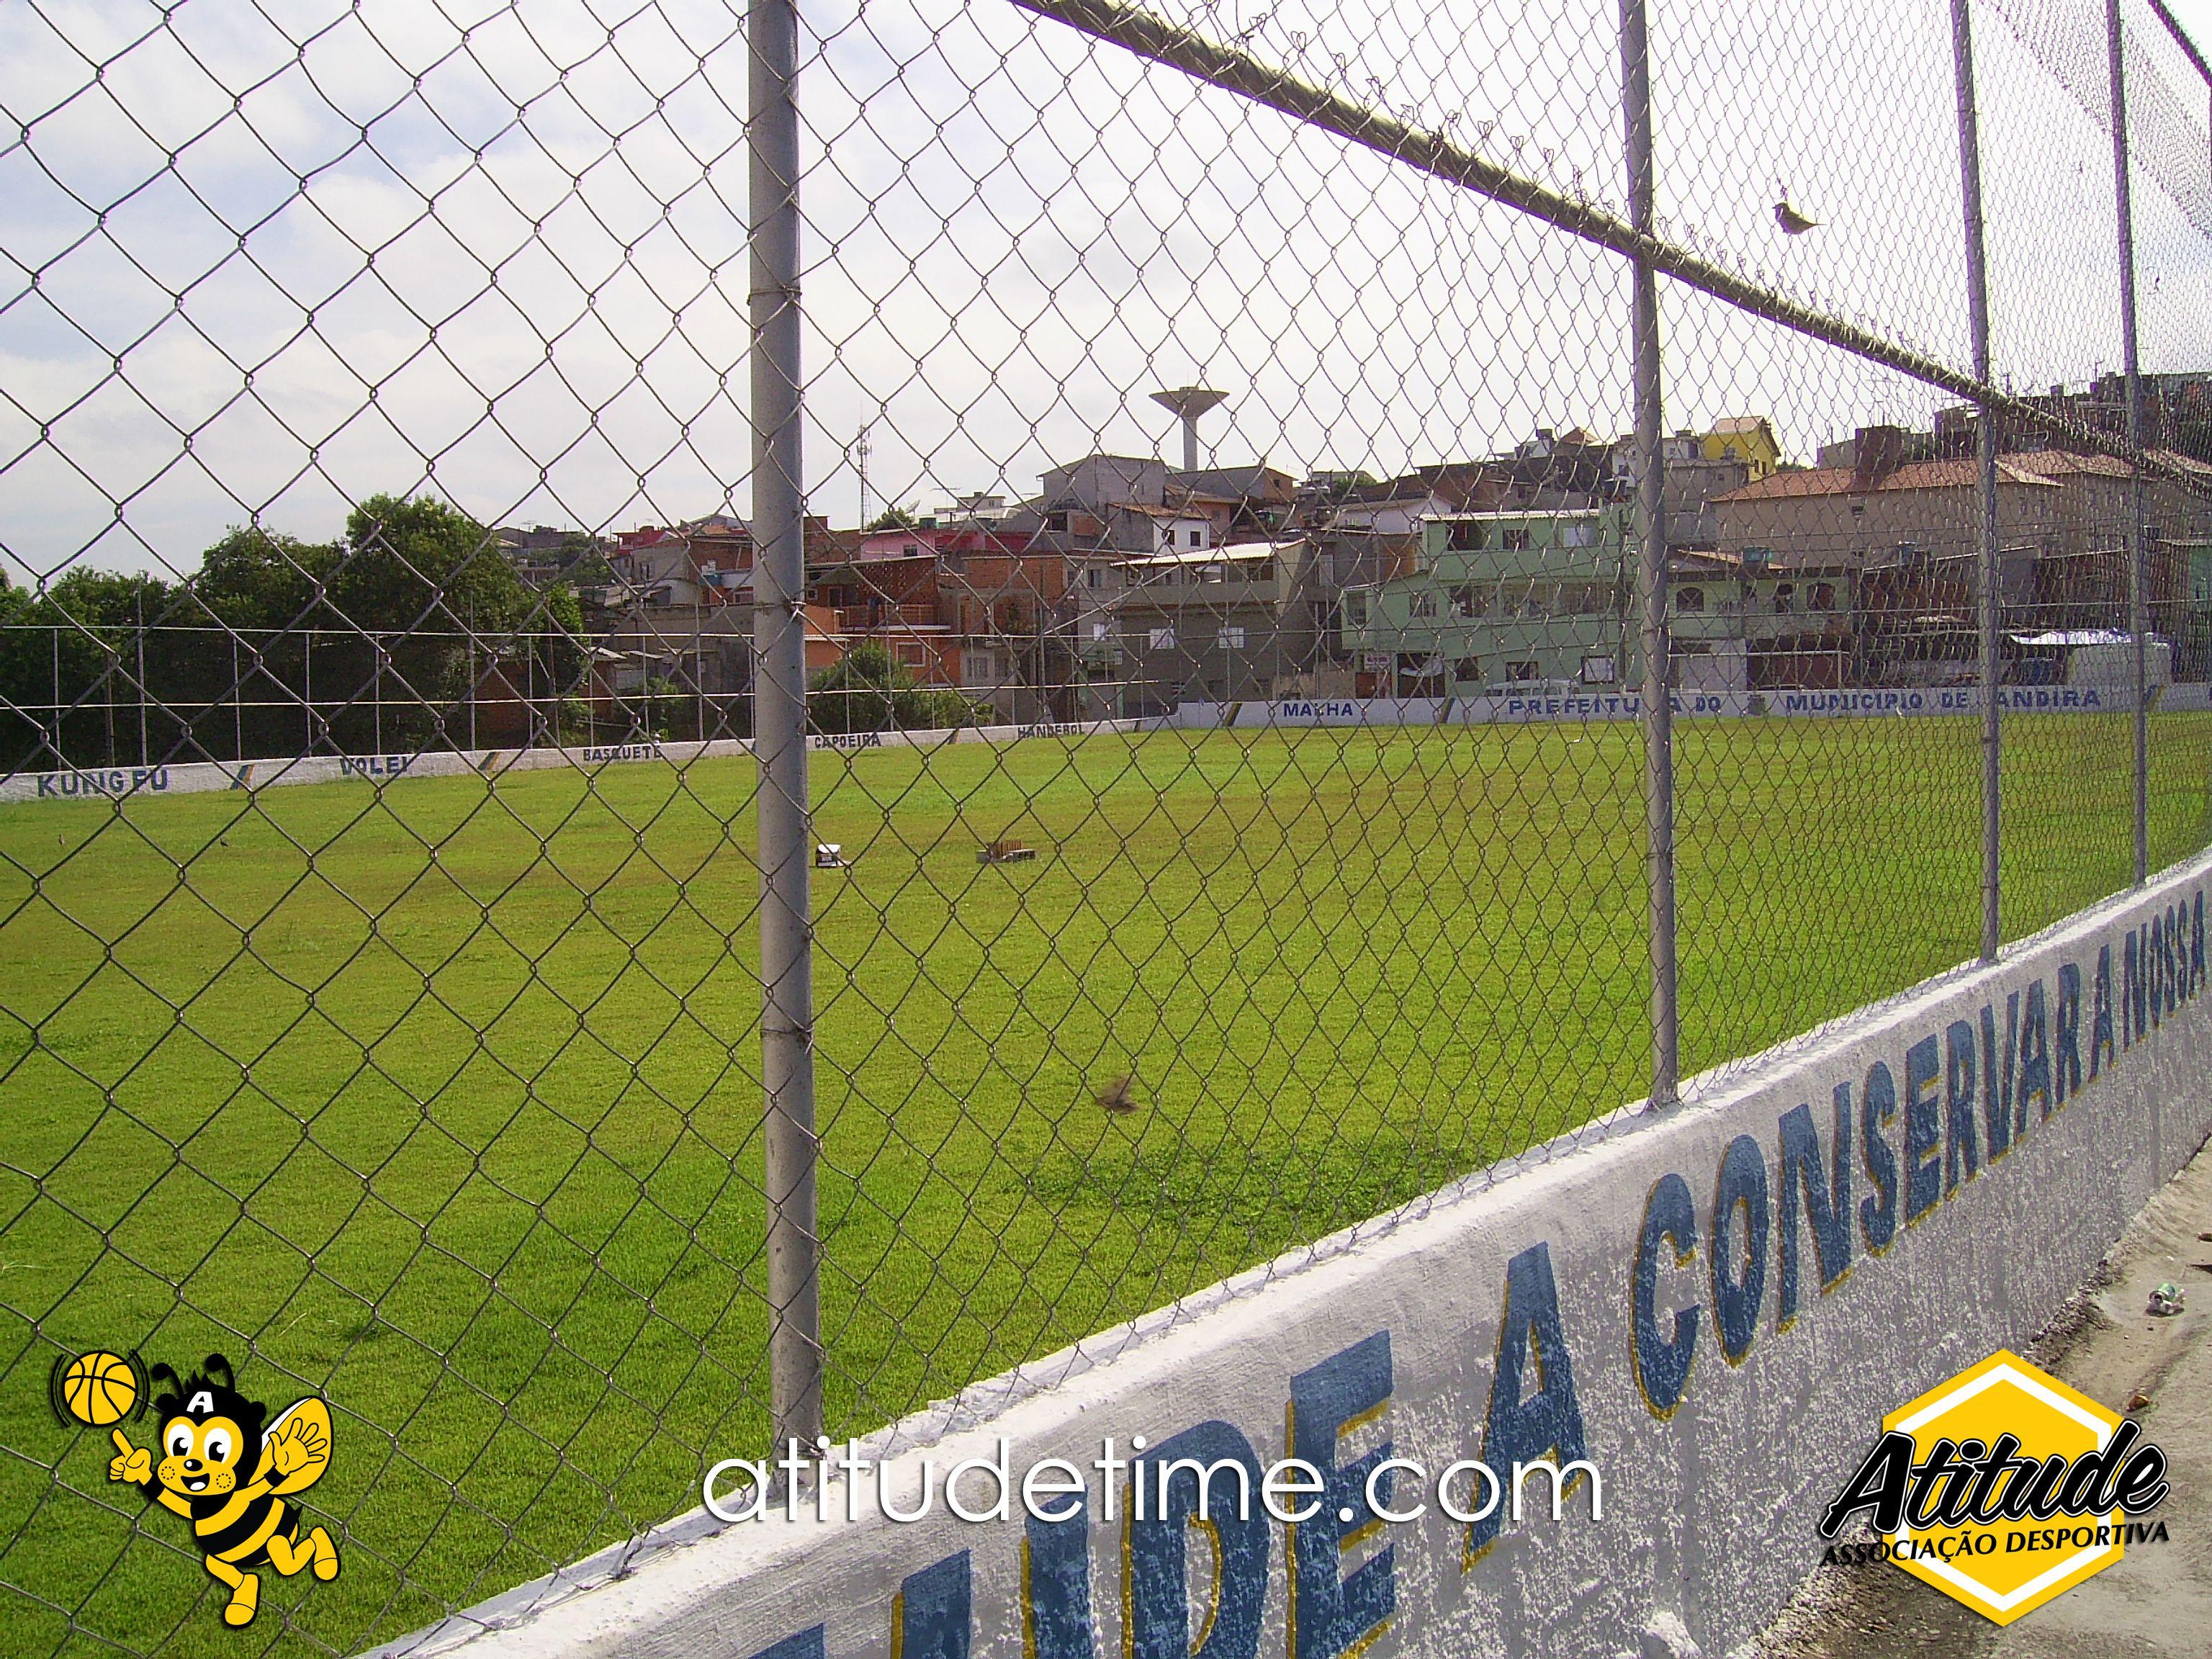 Campo de futebol Jardim Brotinho, Jandira / SP.